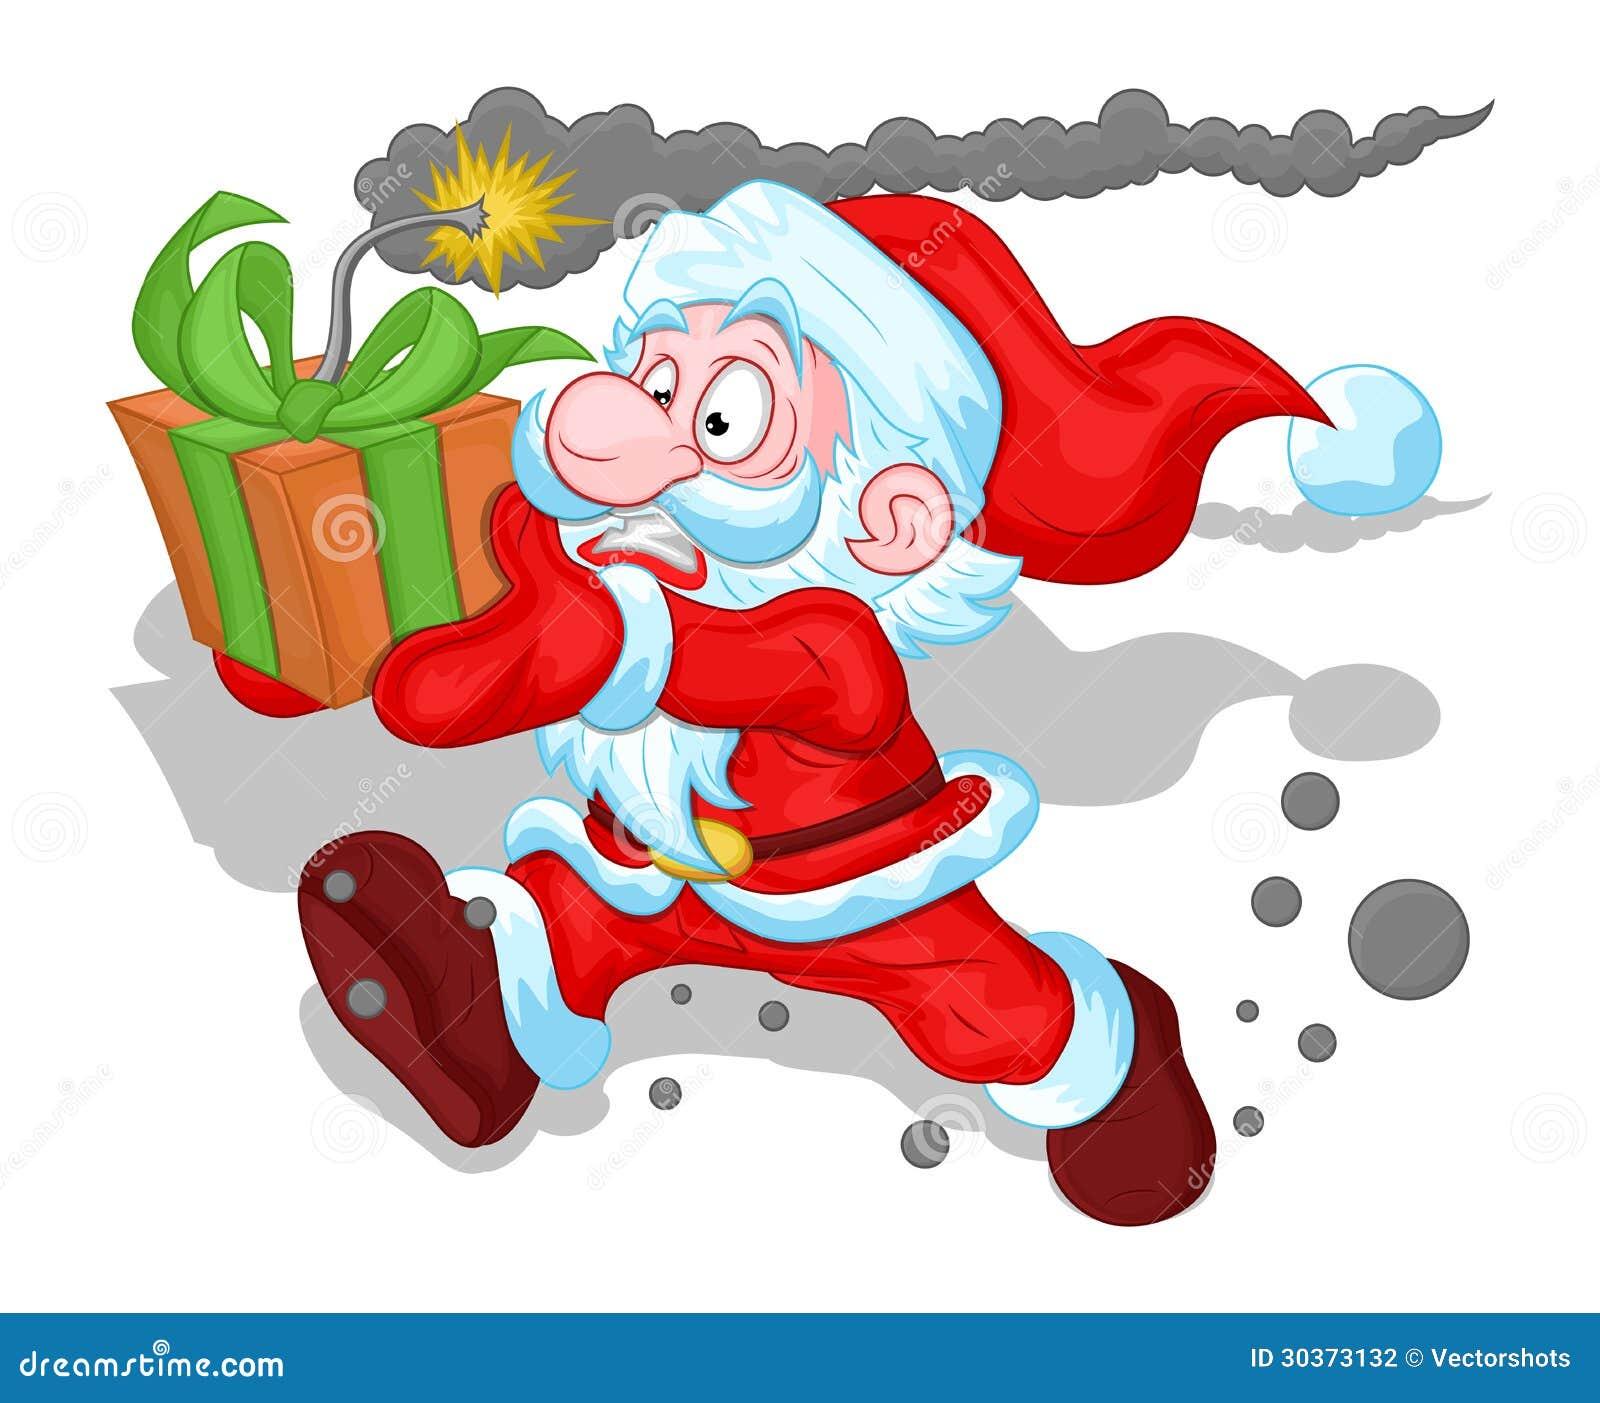 Śmieszny Święty Mikołaj pojęcie - Bożenarodzeniowa Wektorowa ilustracja